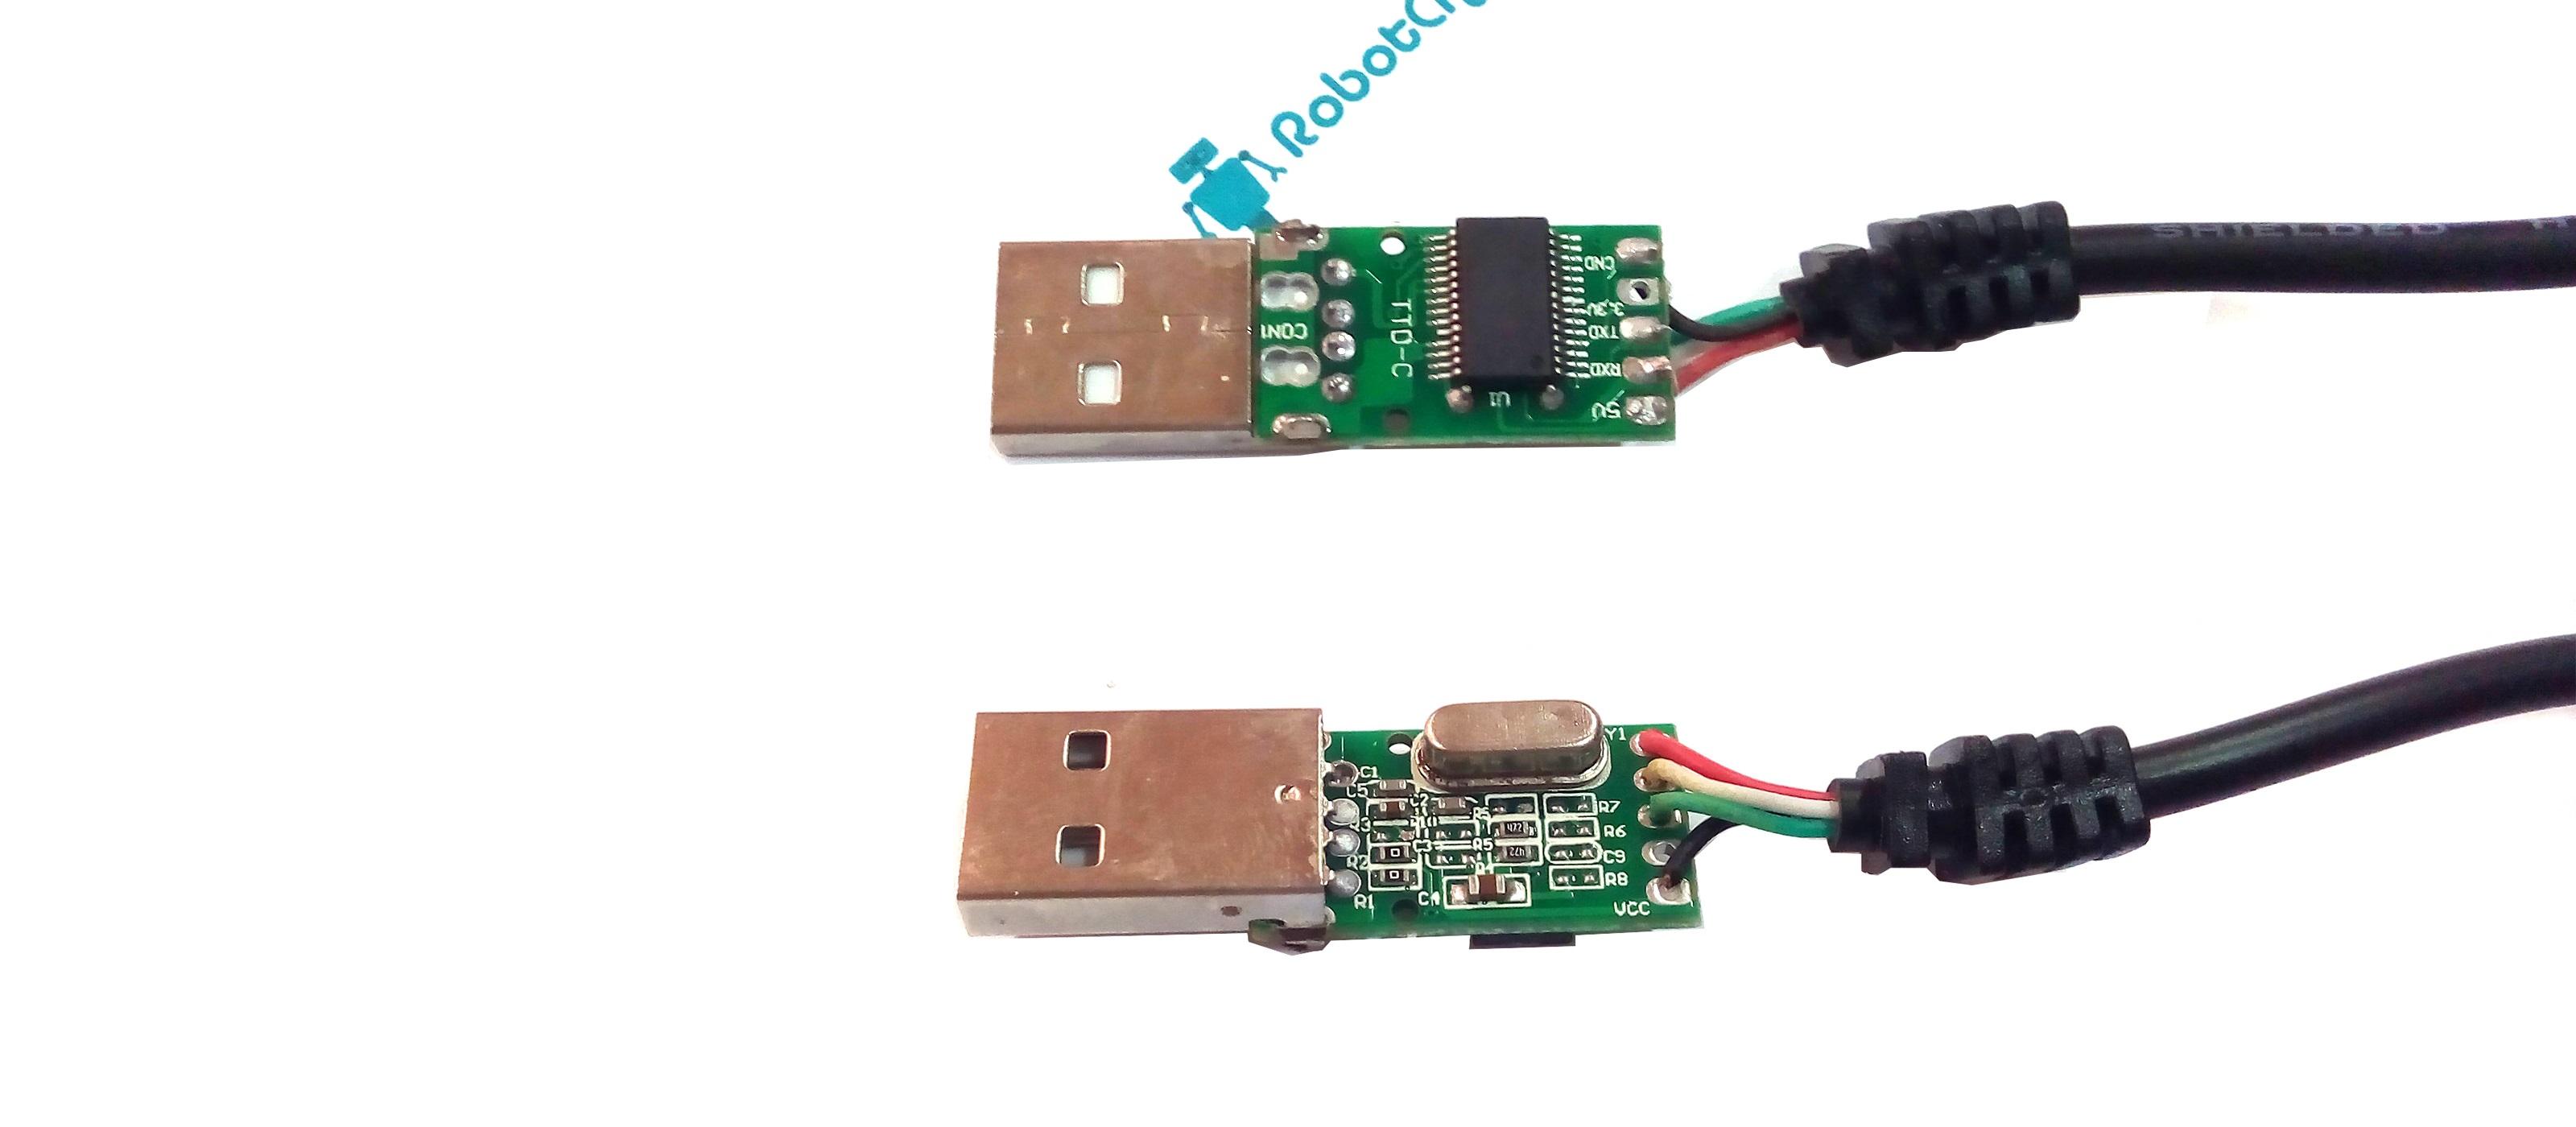 Обзор преобразователя PL2303TA с кабелем